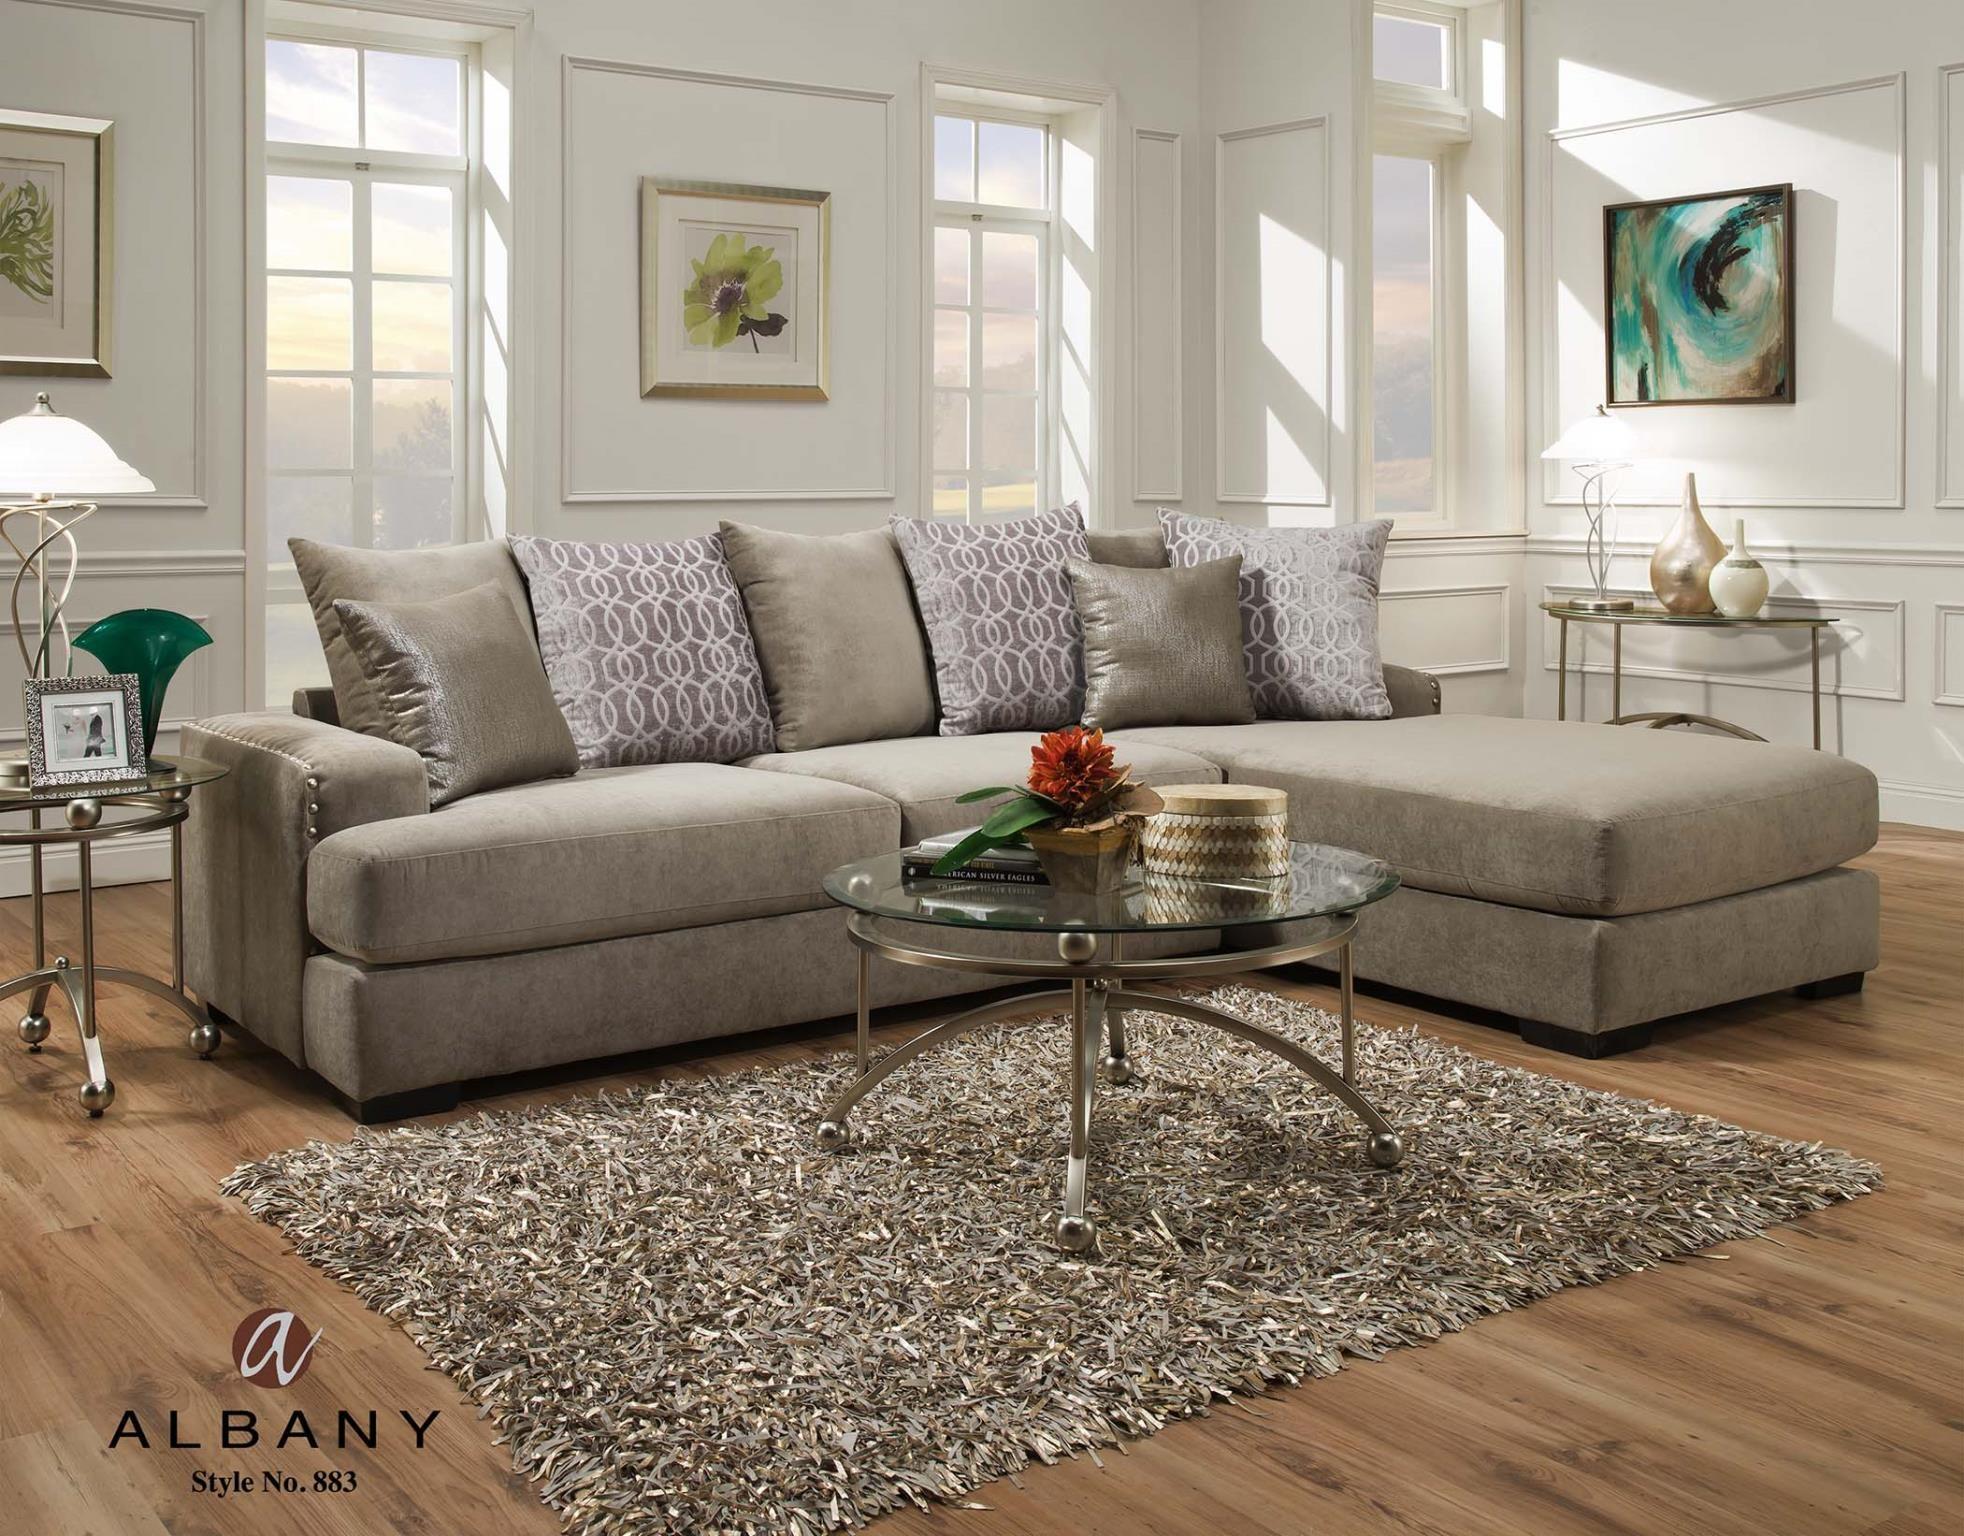 Muebles Para La Sala Value City Furniture Nueva Jersey Nueva Jersey Y Staten Island Living Room Sets Furniture Cheap Living Room Sets Value City Furniture